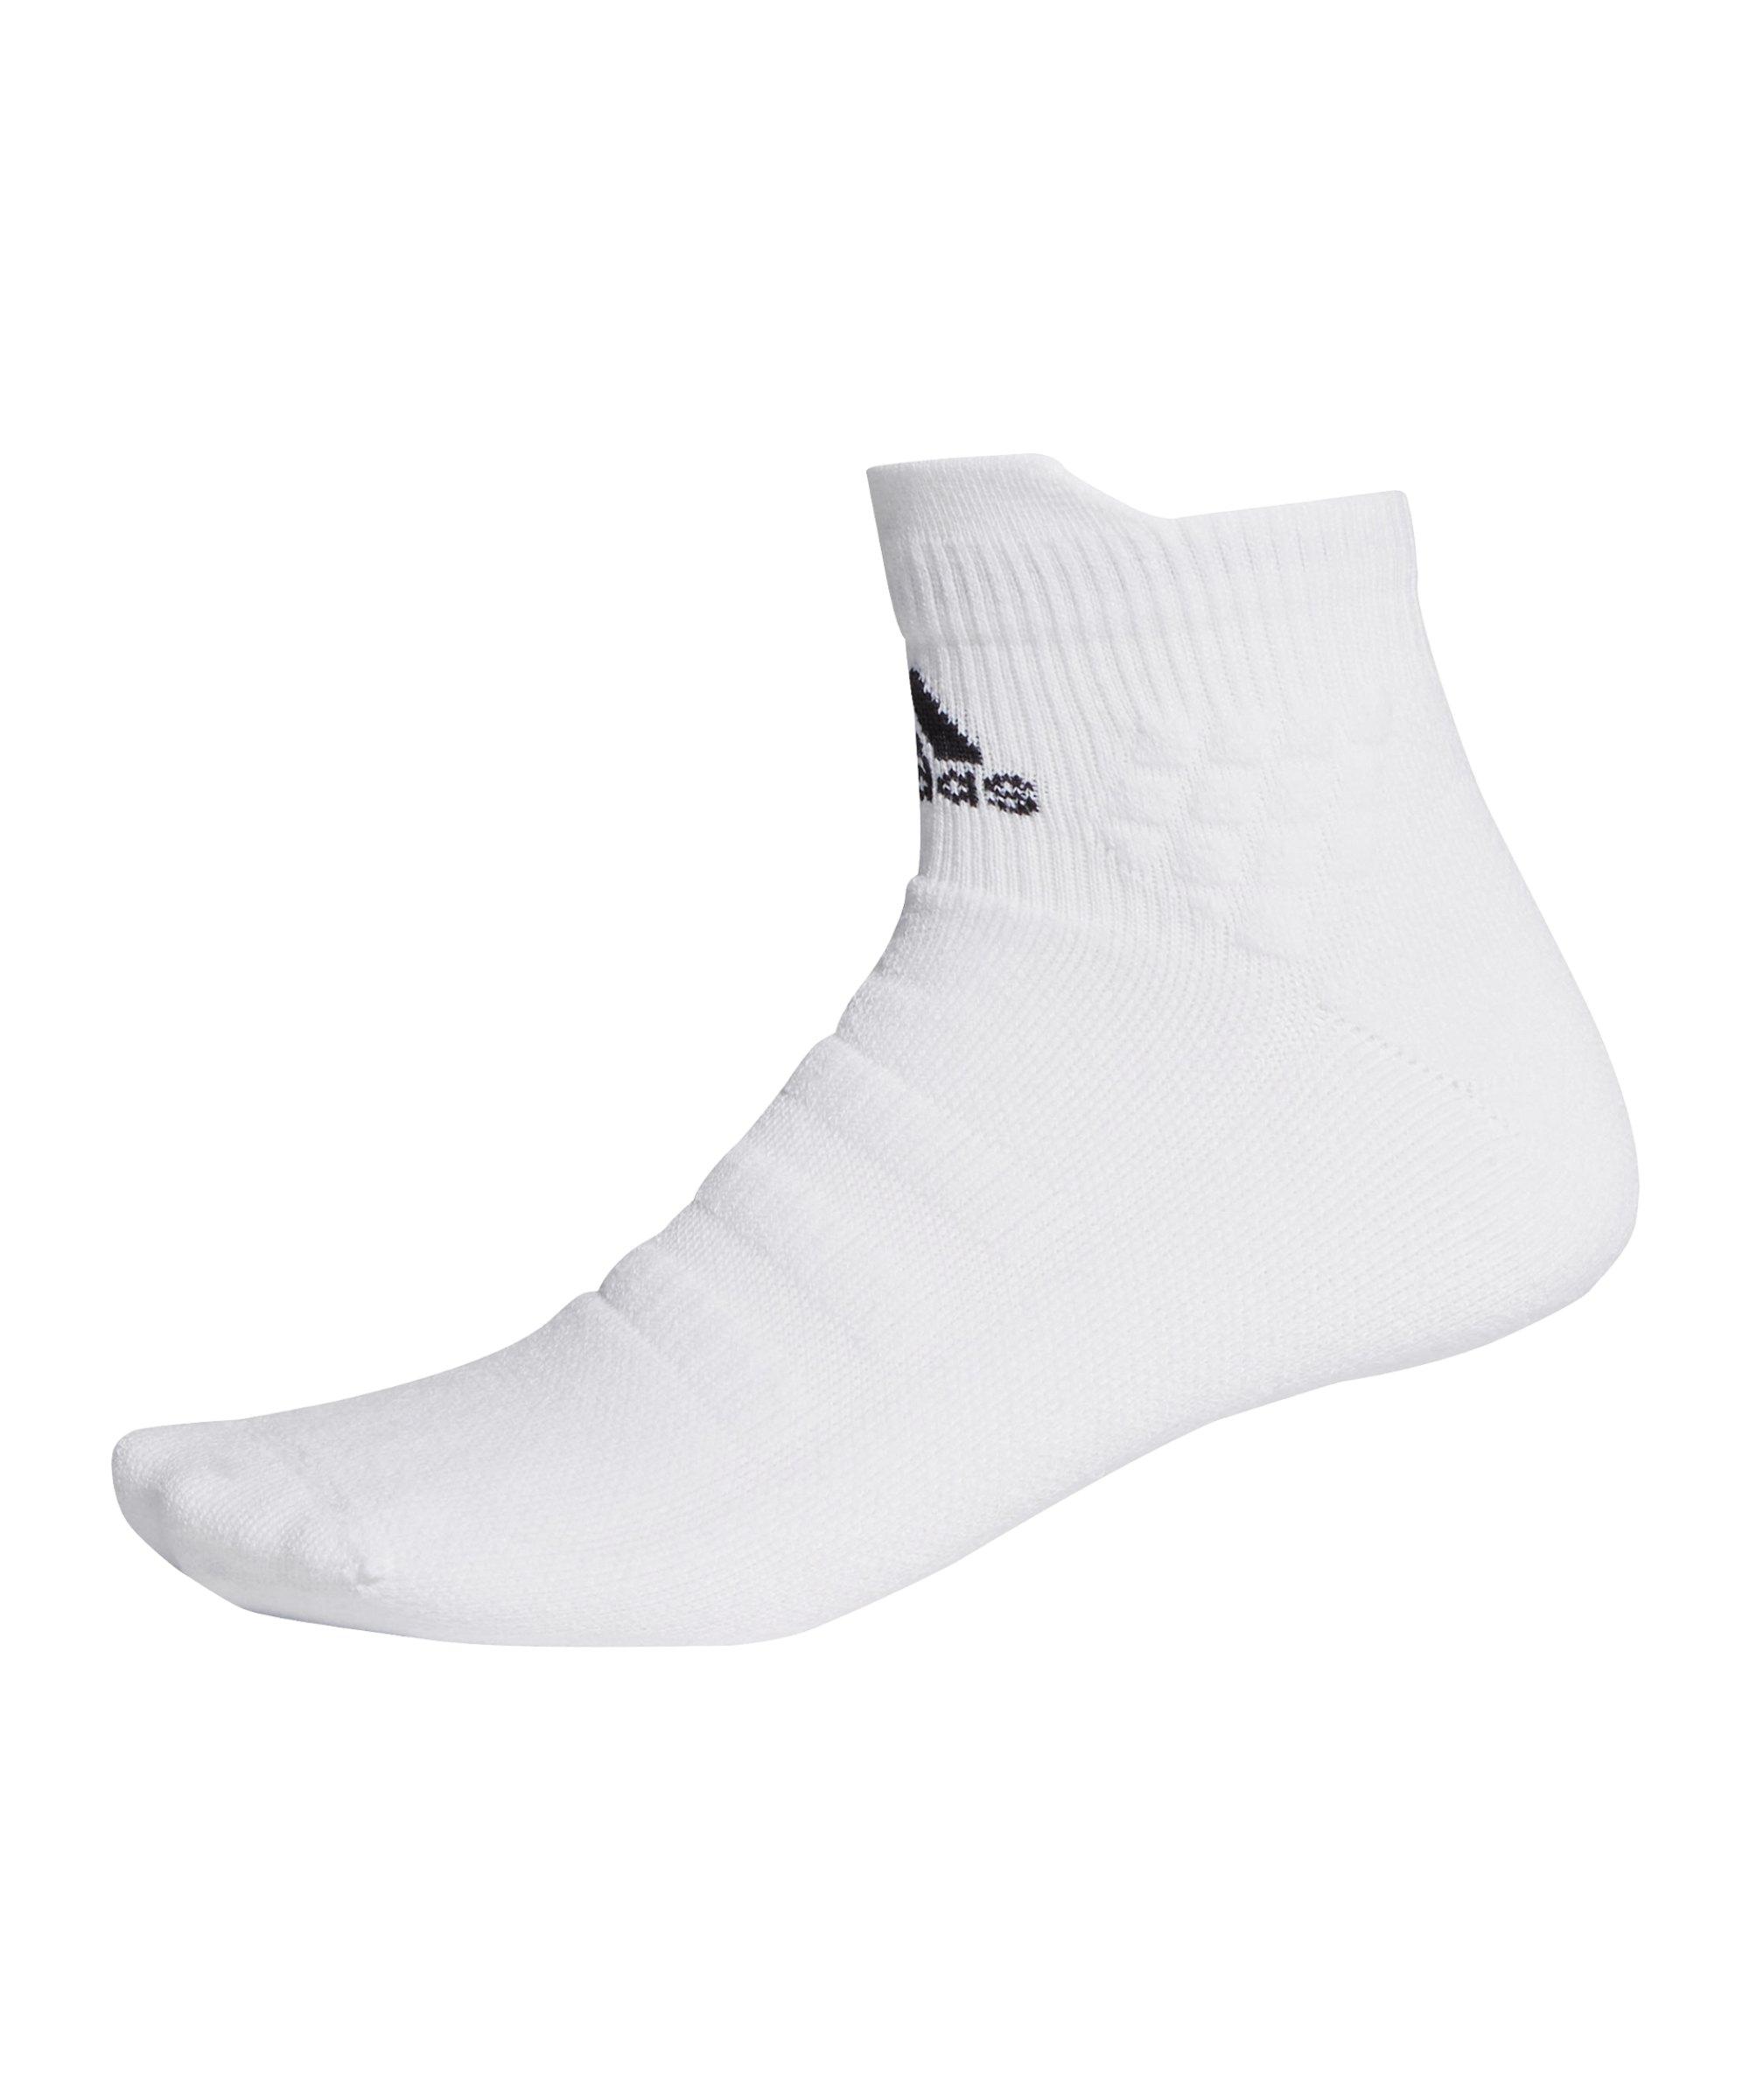 adidas Alphaskin Ankle MC Socken Weiss - weiss